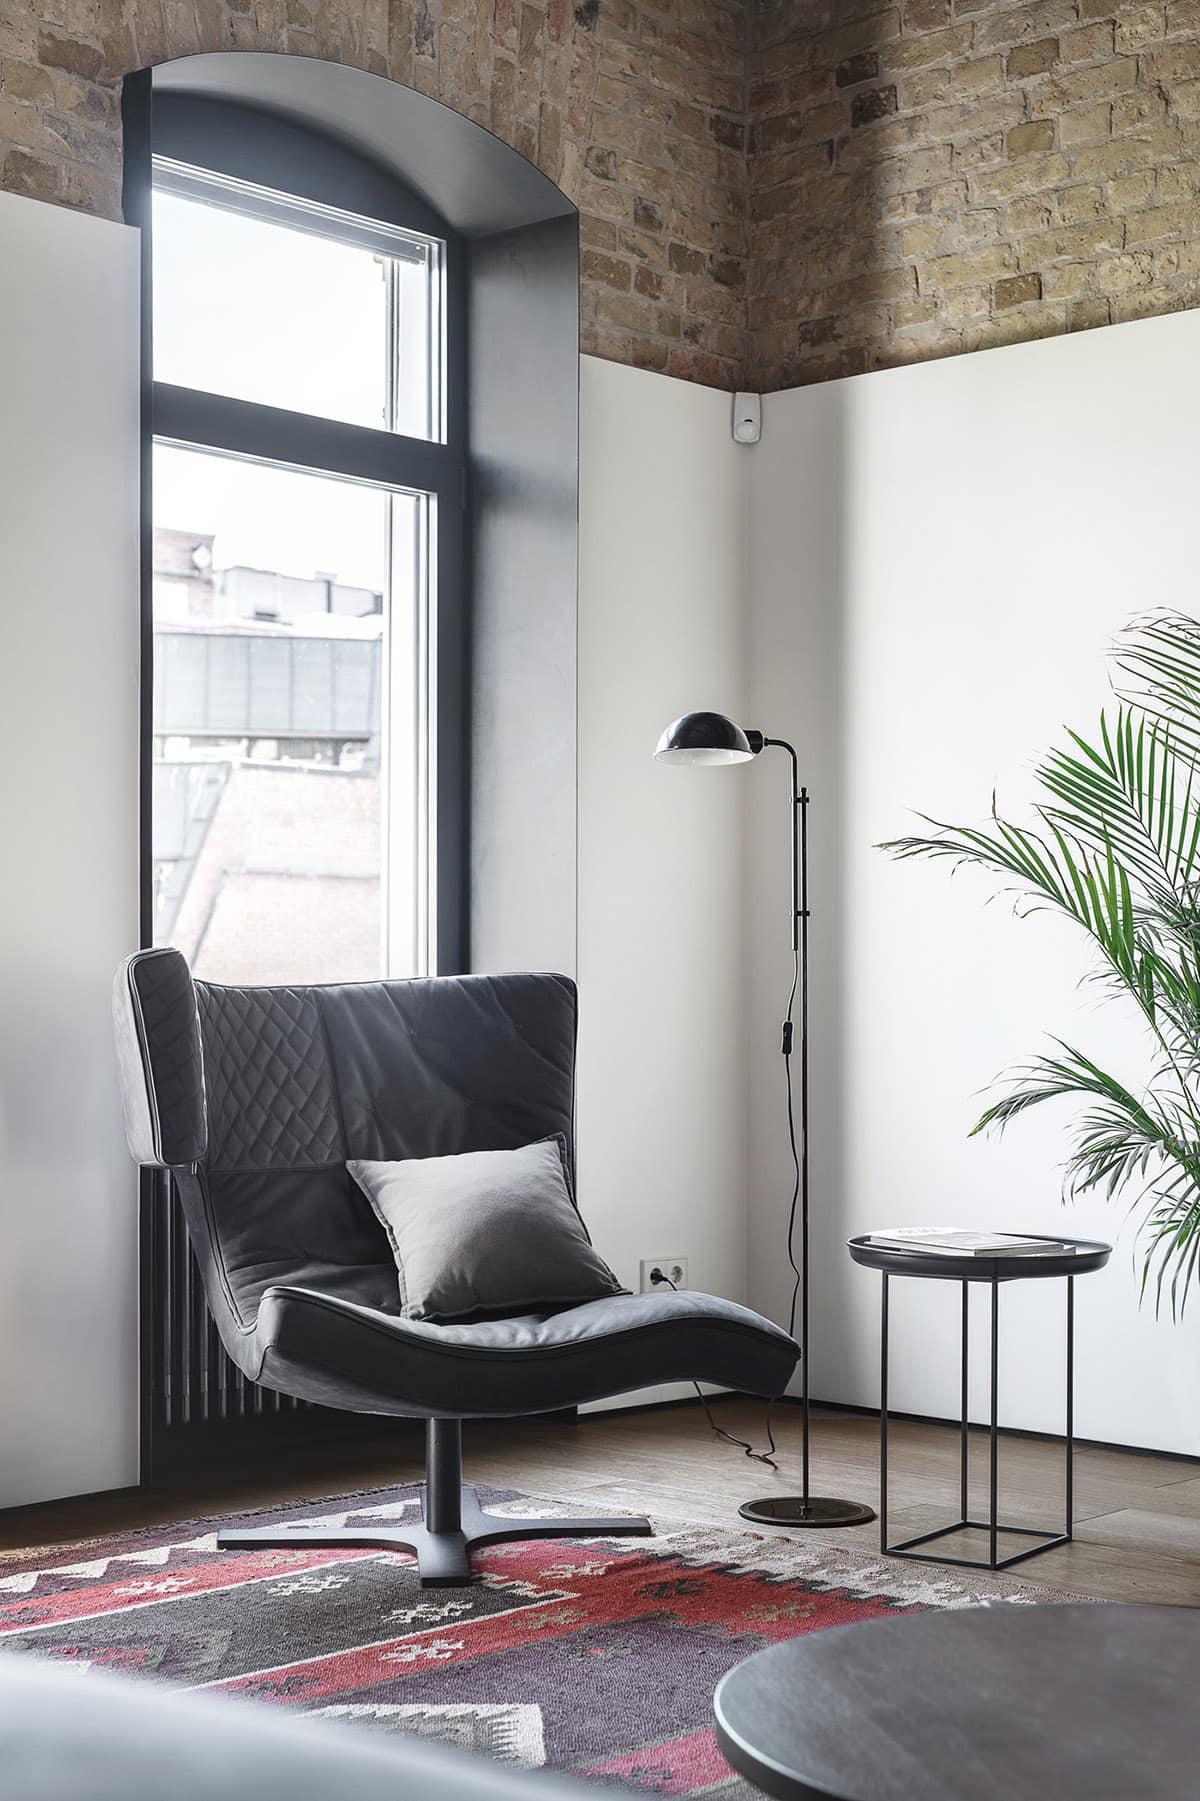 Les hauts plafonds et les grandes fenêtres expressives sont autant de caractéristiques du style loft industriel.